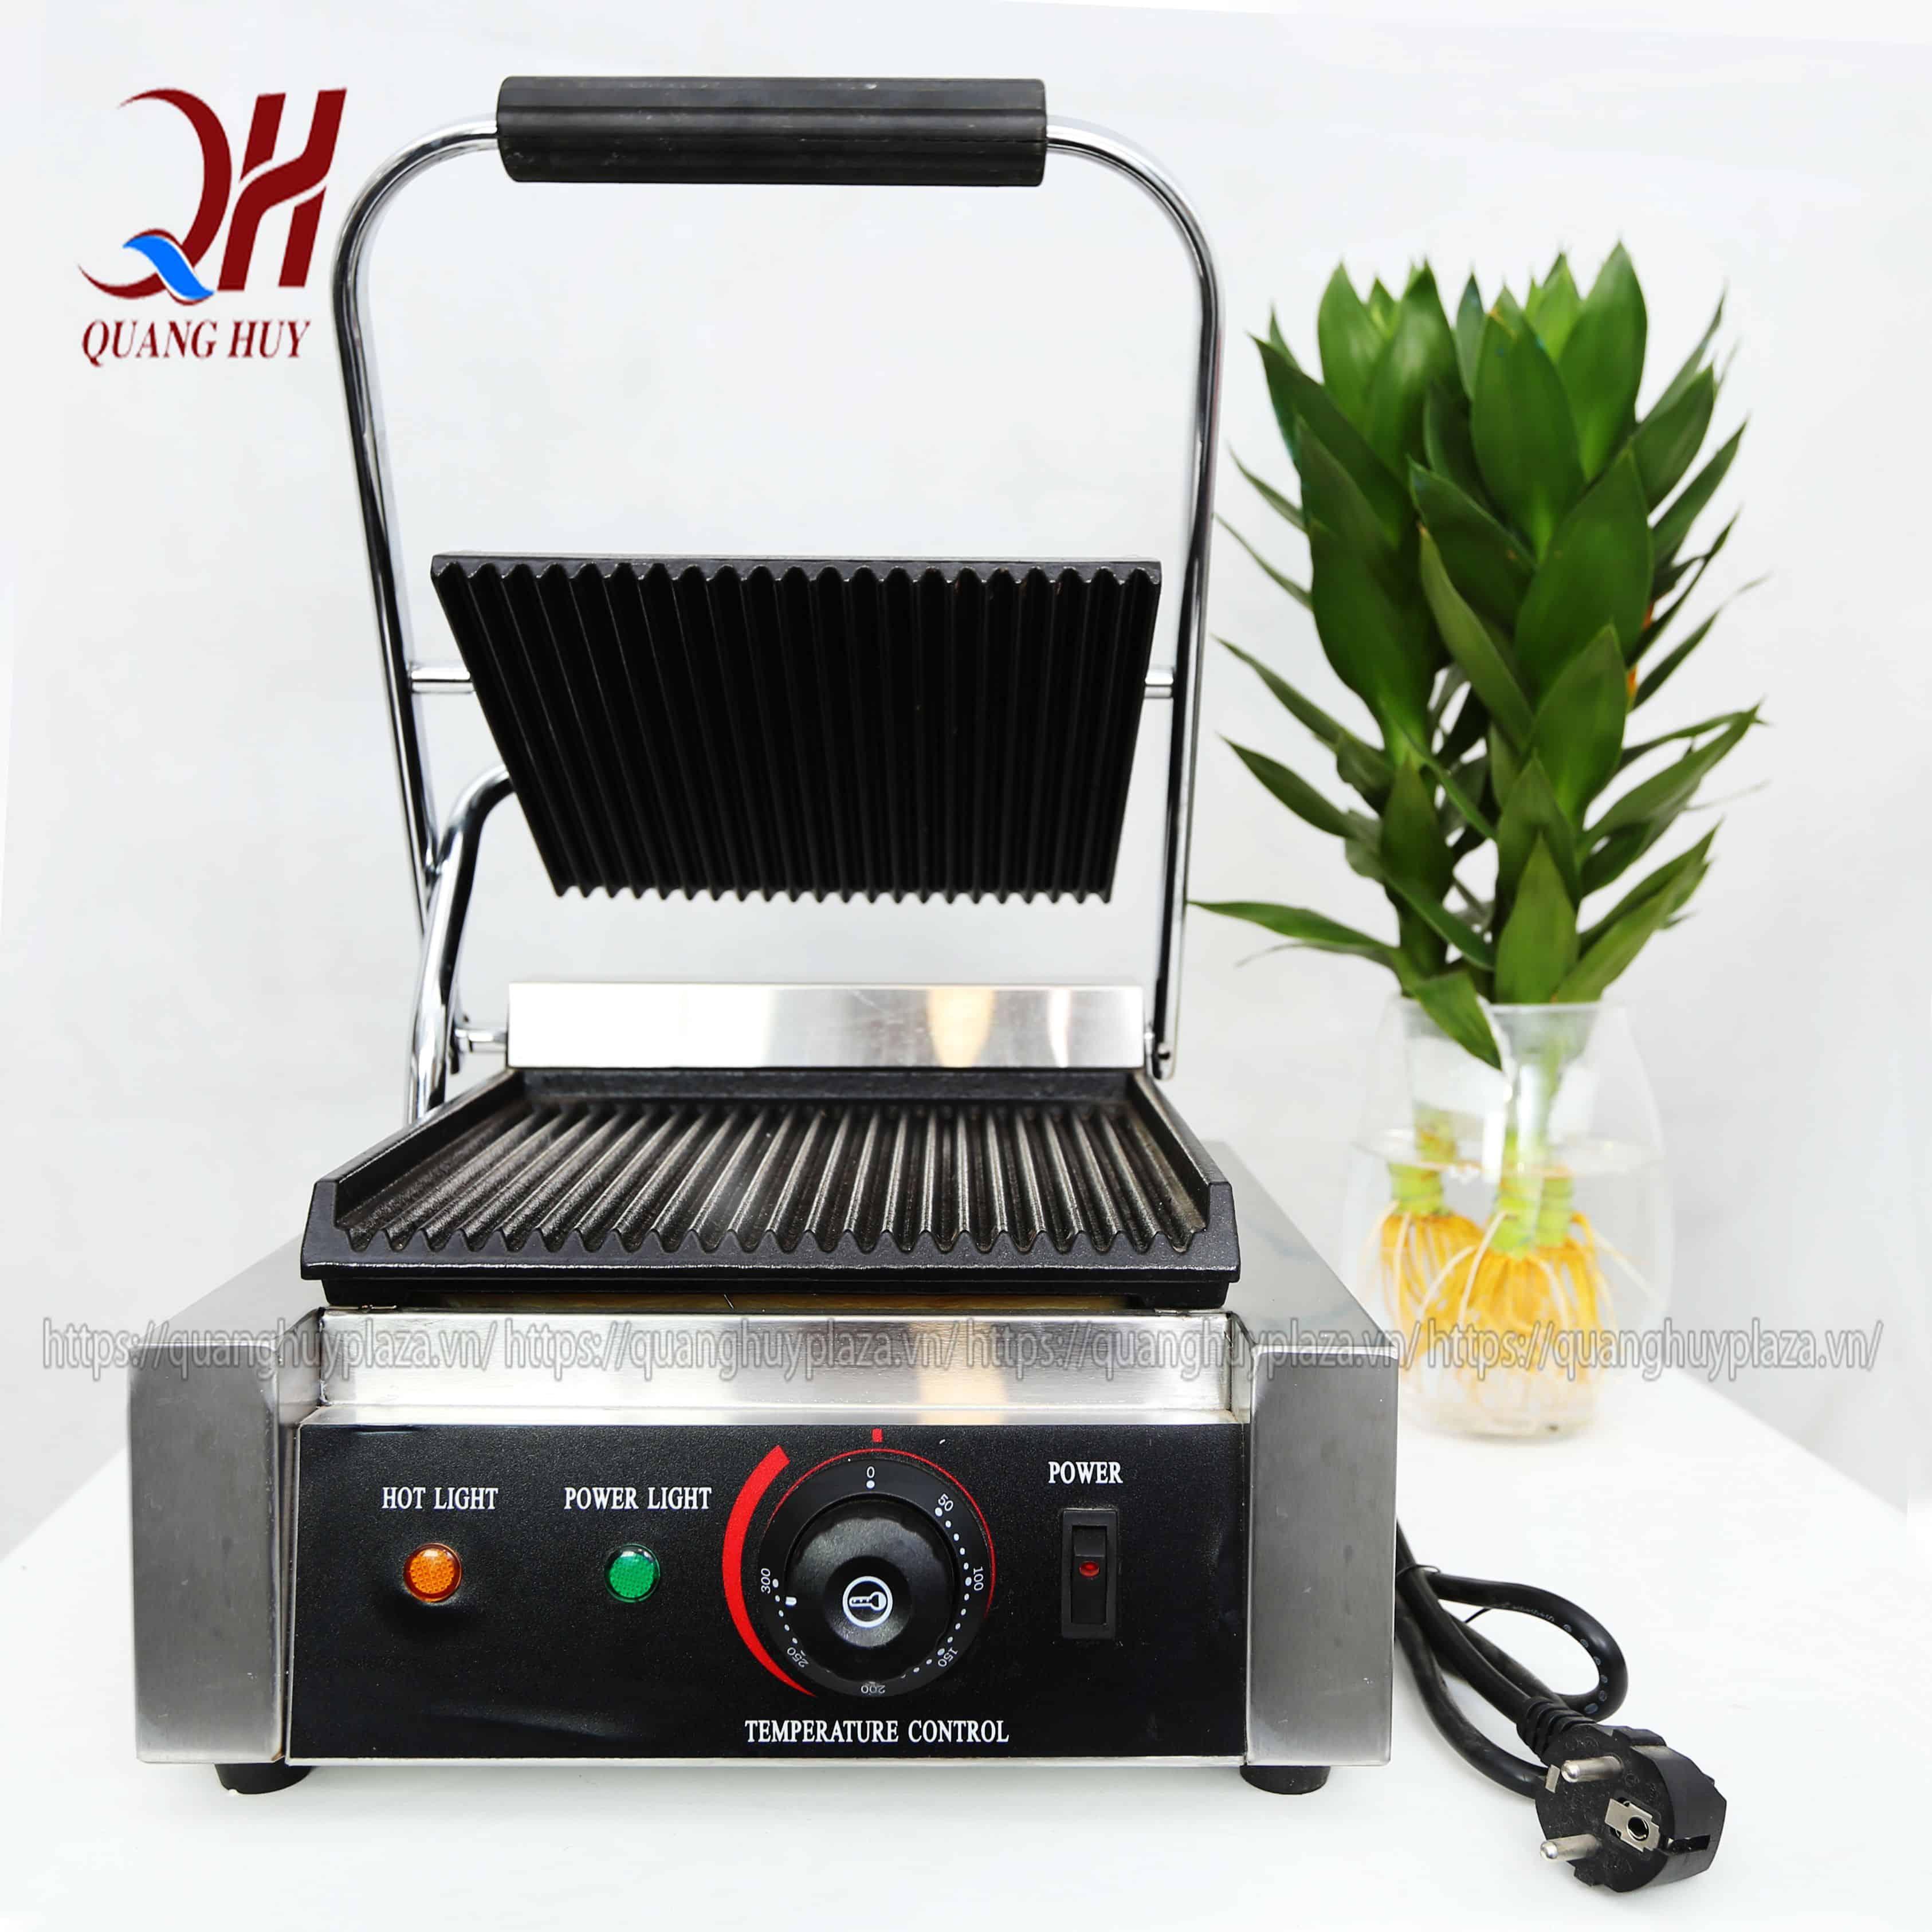 Bạn có thể tham khảo máy ép bánh mì Quang Huy để giúp chiếc bánh nóng giòn hơn